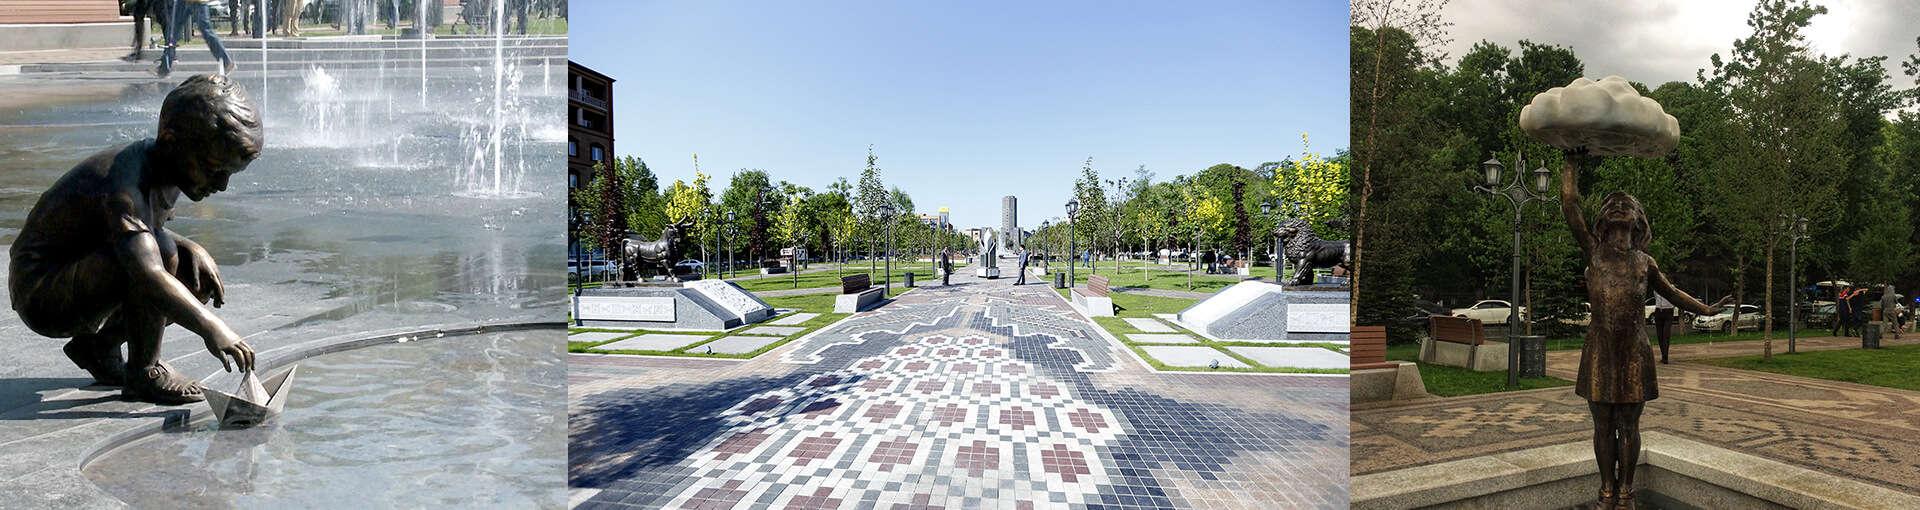 Yerevan 2800 Park